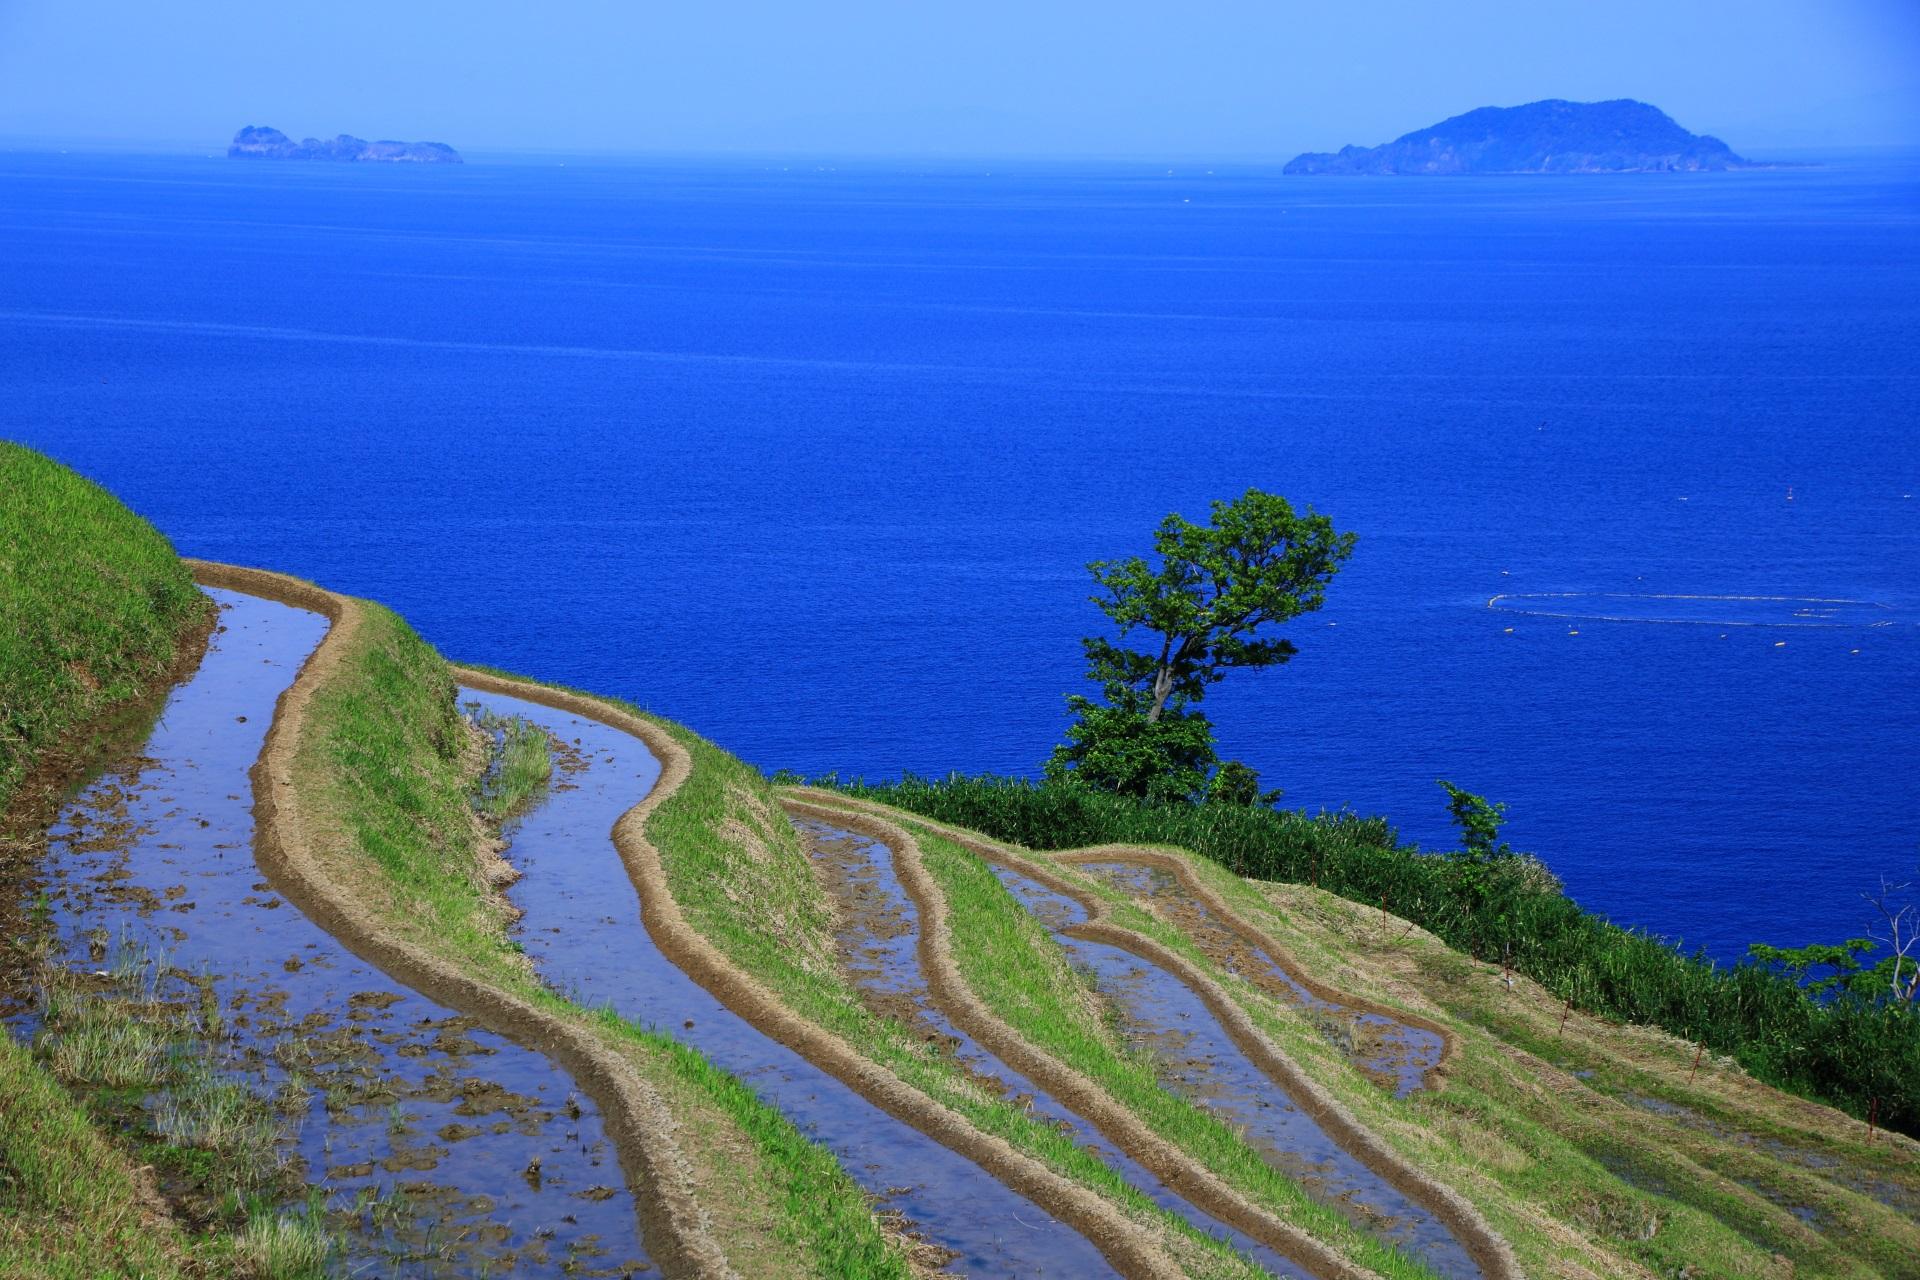 曲線を描く棚田の向こうに見える青い日本海と沓島(くつじま)と冠島(かんむりじま)